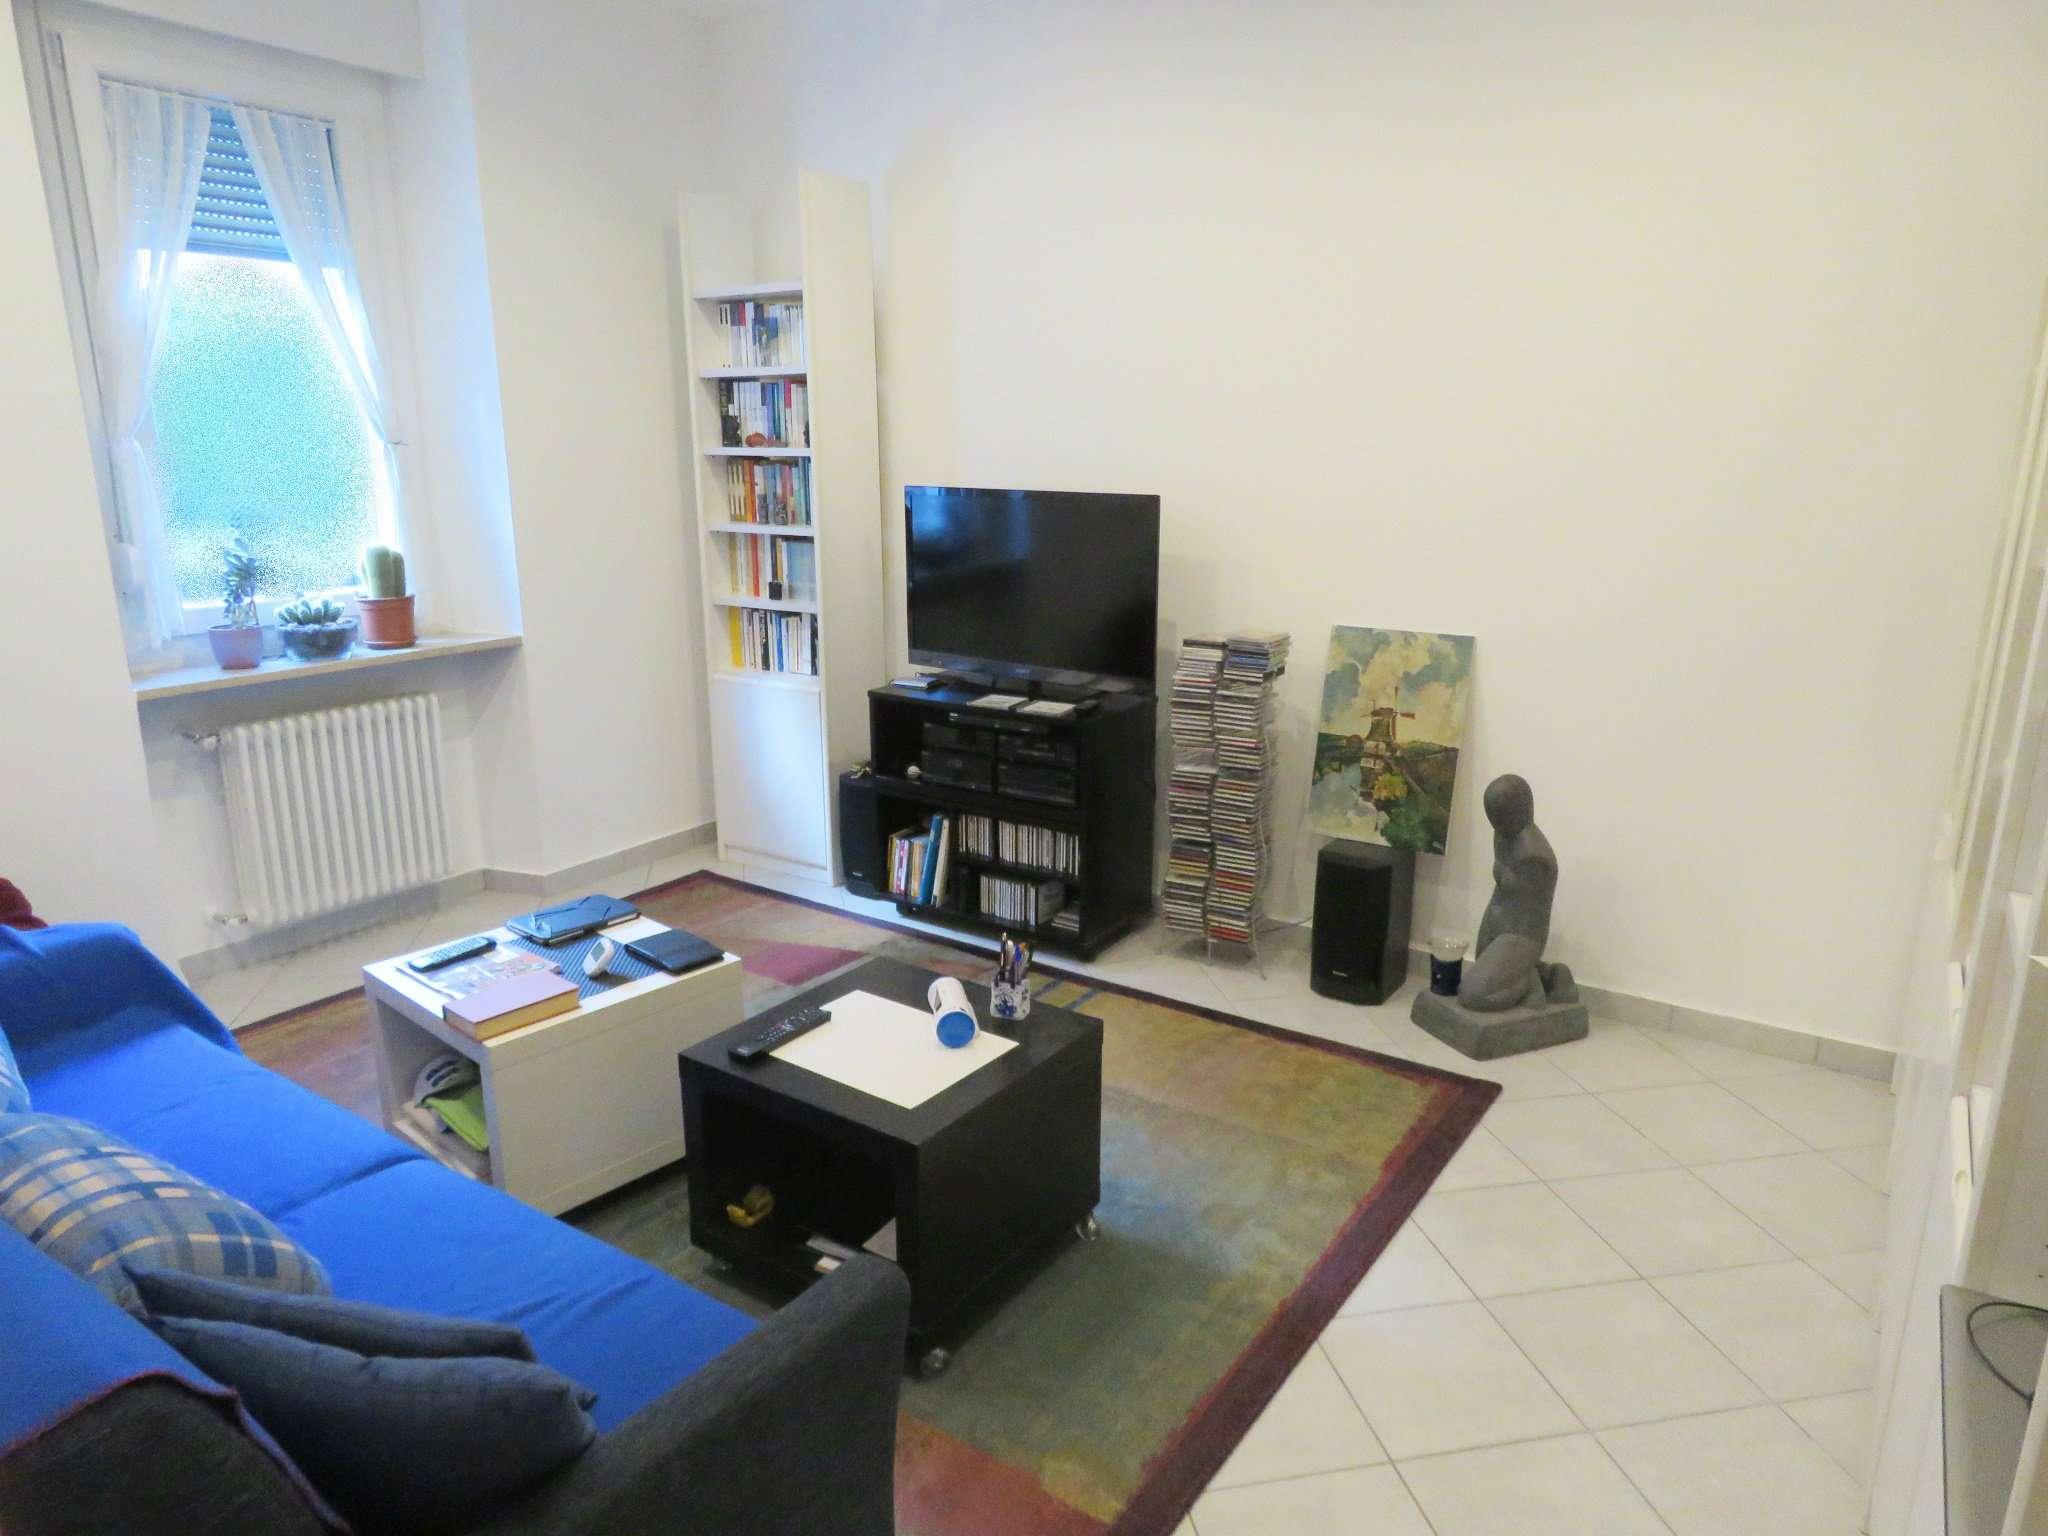 Appartamento in vendita a Cornedo all'Isarco, 2 locali, prezzo € 125.000 | Cambio Casa.it